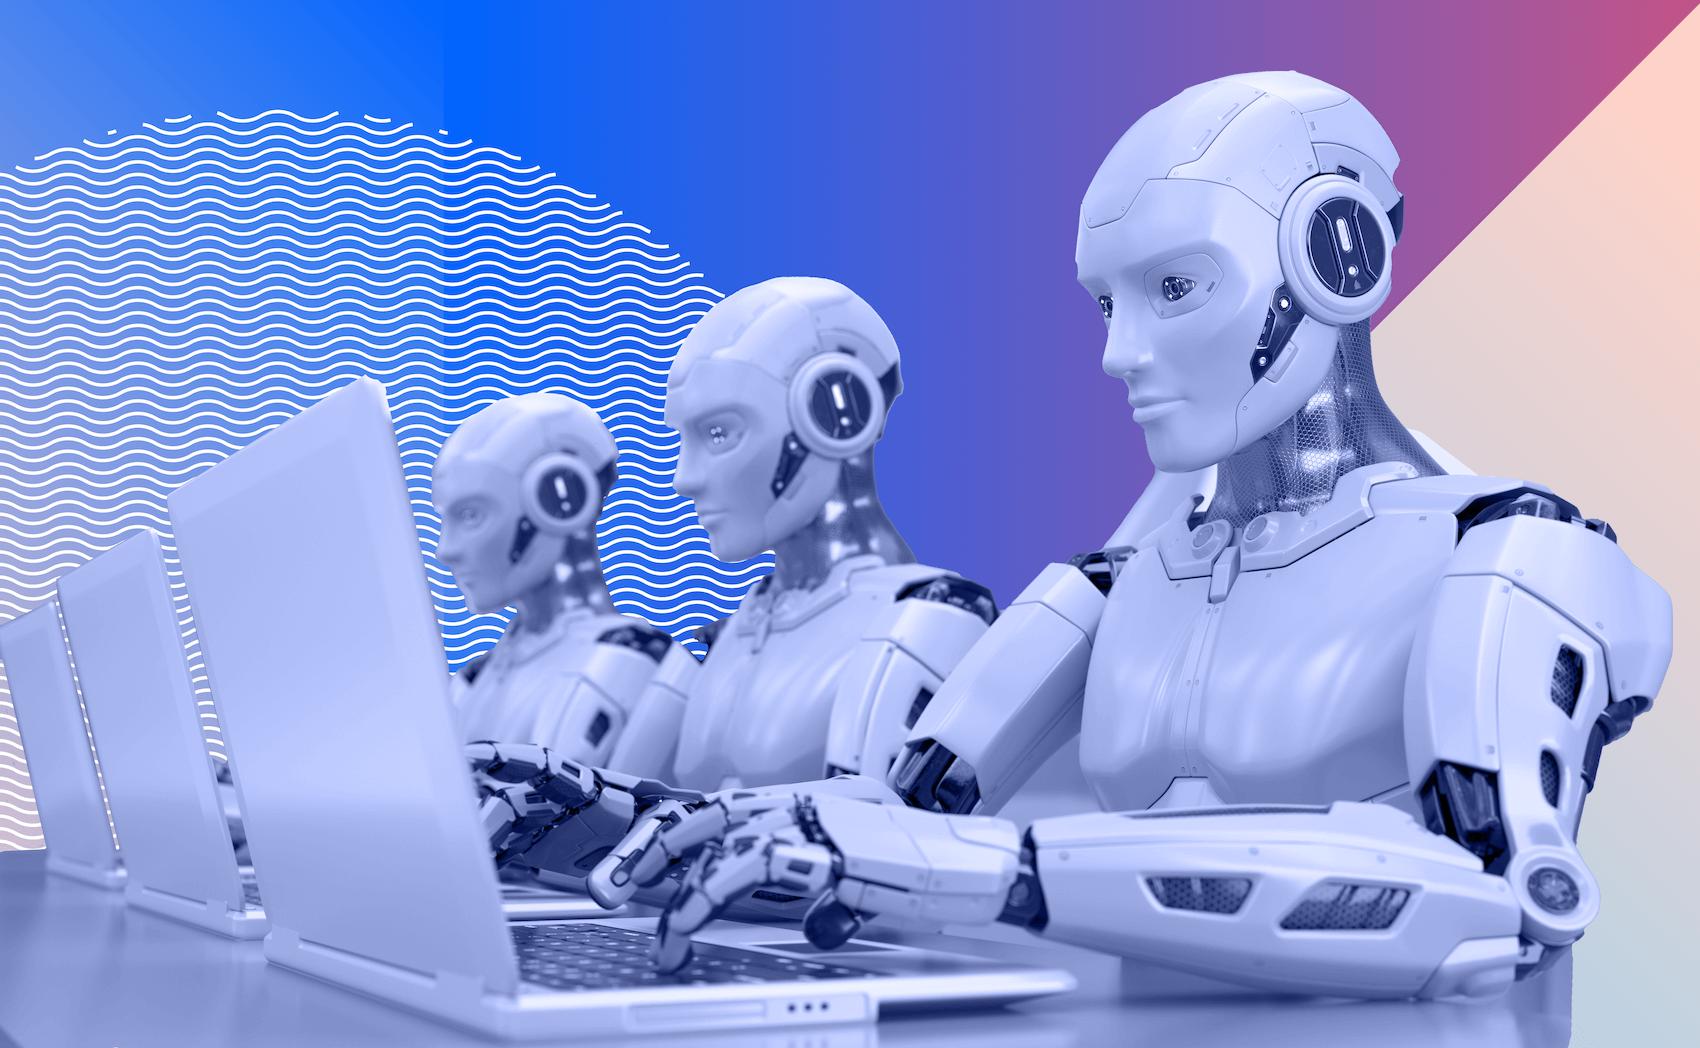 best trading robots 2021 was ist eine binäre handelsoption?